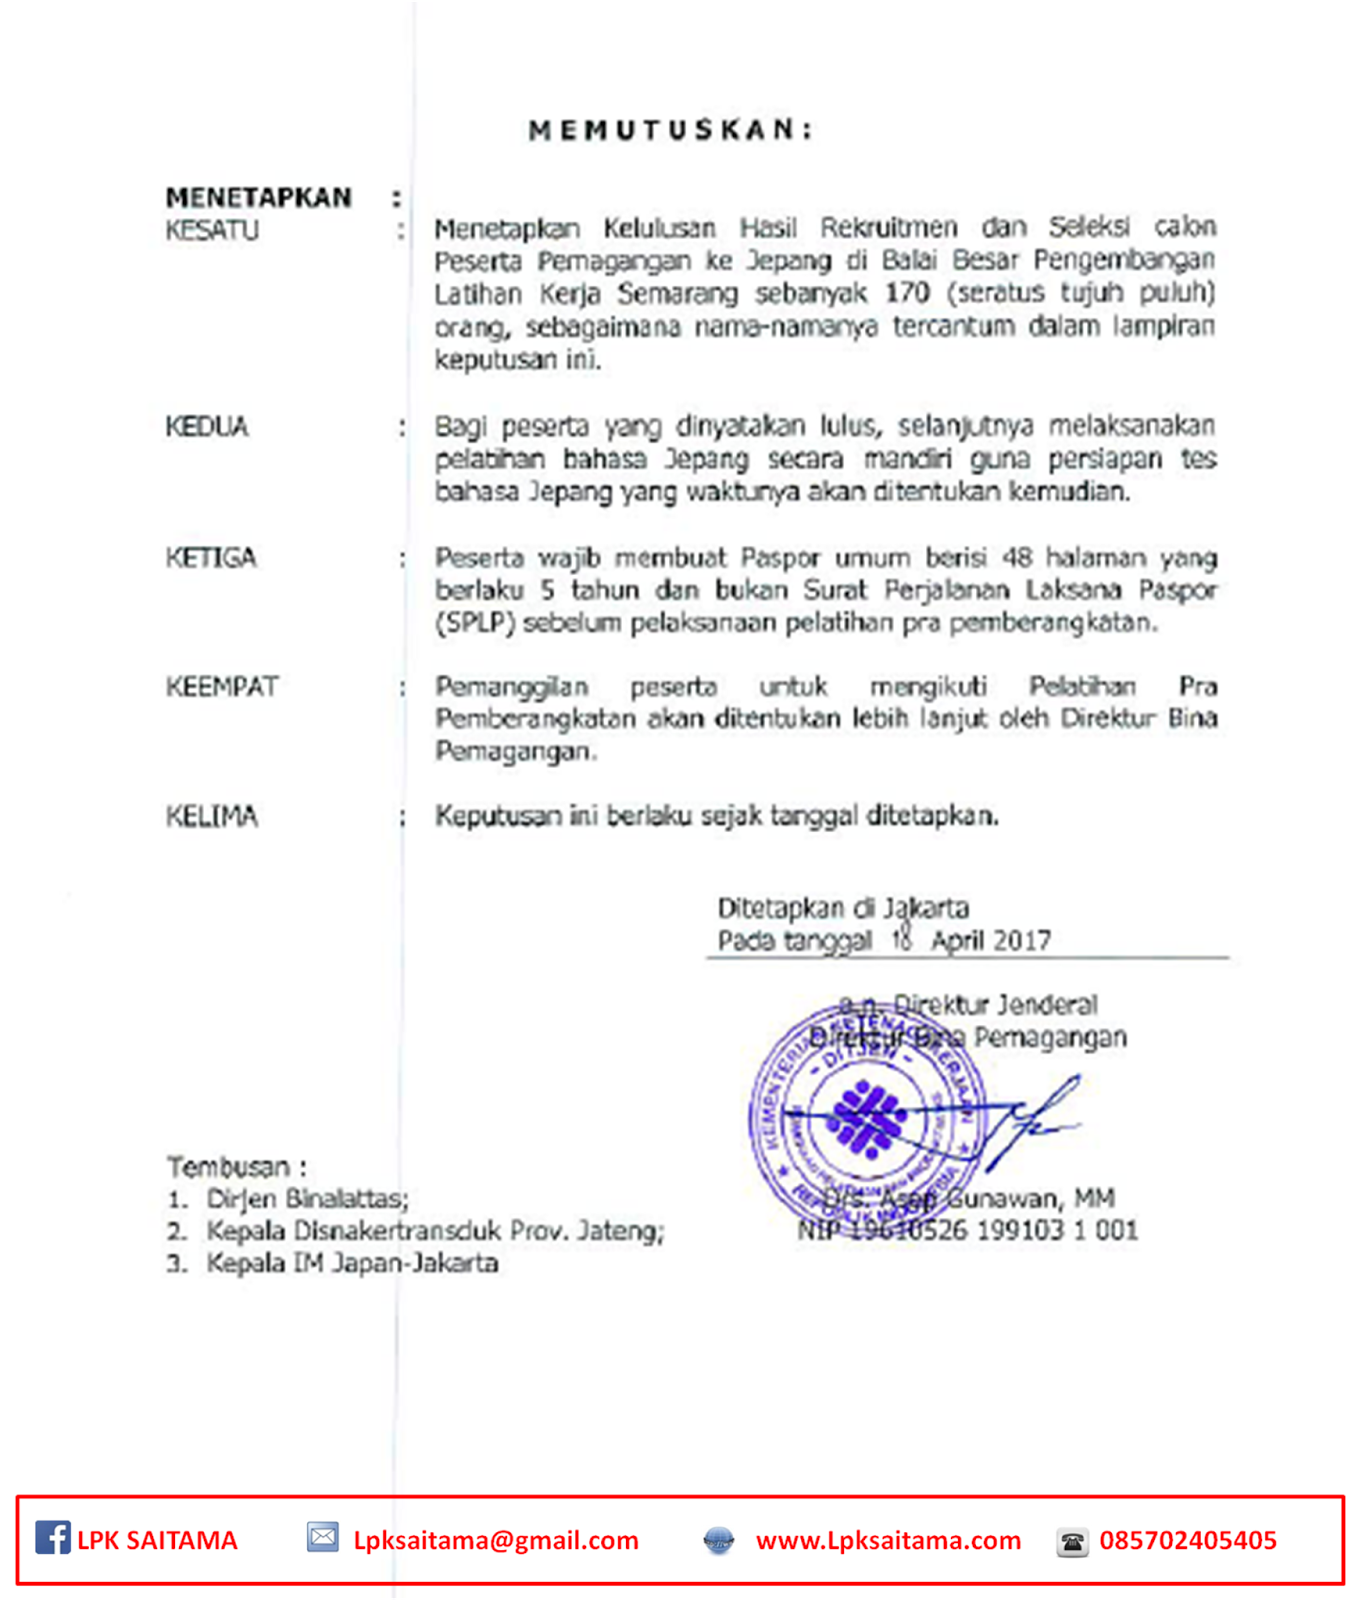 Hasil Meical Check Up dapat di ambil di LPK SAITAMA Jl Pahlawan No 9 Prajenan Mertoyudan Magelang